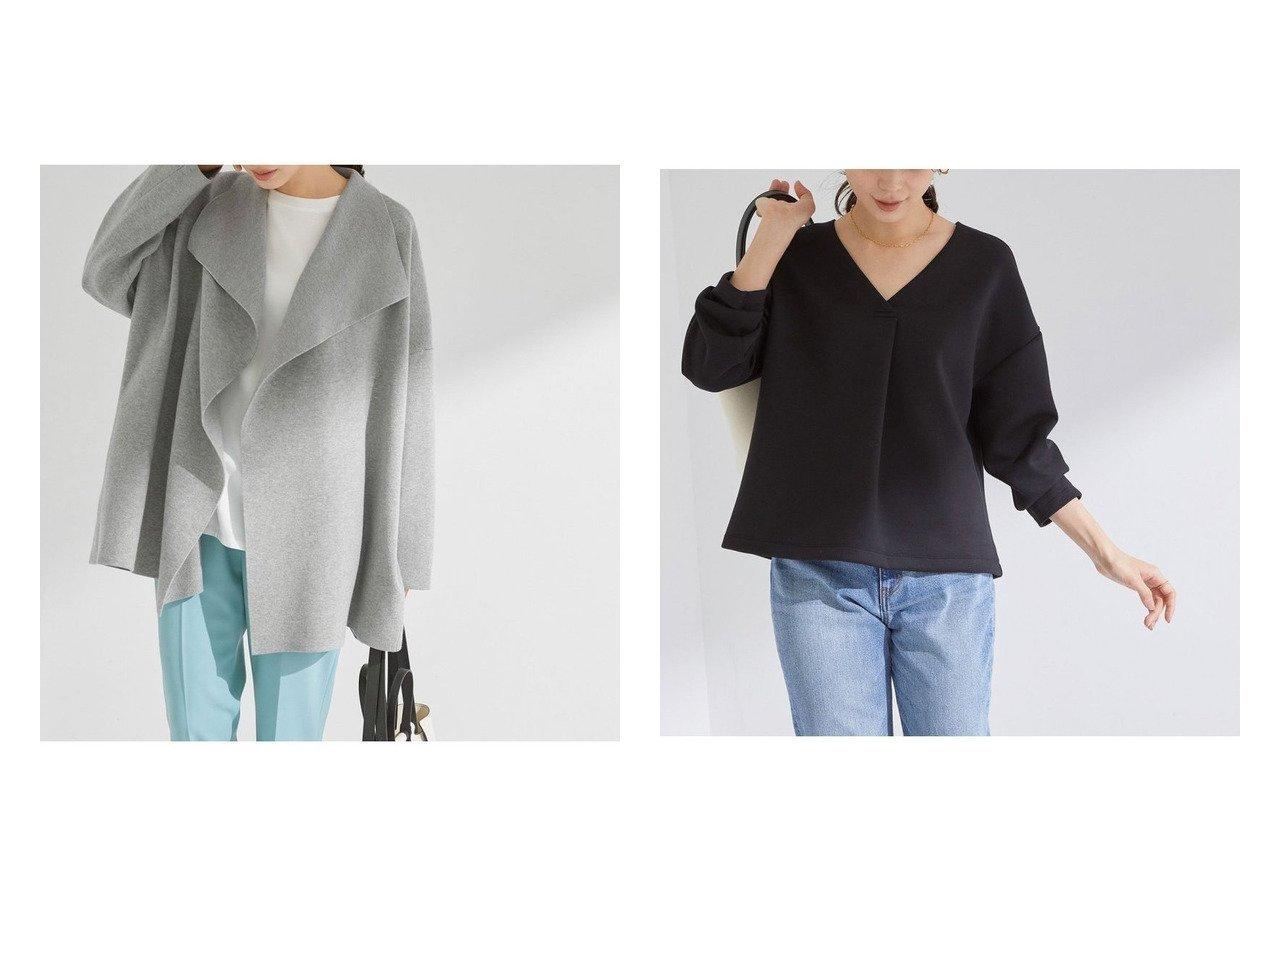 【ROPE/ロペ】のWジャガードラペルドロップショルダーニットカーディガン&【21SS】ダンボールフロントタックVネックプルオーバー トップス・カットソーのおすすめ!人気、トレンド・レディースファッションの通販  おすすめで人気の流行・トレンド、ファッションの通販商品 メンズファッション・キッズファッション・インテリア・家具・レディースファッション・服の通販 founy(ファニー) https://founy.com/ ファッション Fashion レディースファッション WOMEN トップス Tops Tshirt ニット Knit Tops カーディガン Cardigans プルオーバー Pullover カットソー Cut and Sewn Vネック V-Neck 春 Spring カーディガン ショルダー ショート ストレッチ デニム ドロップ フォルム プリーツ ポケット モダン S/S 春夏 SS Spring/Summer NEW・新作・新着・新入荷 New Arrivals 2021年 2021 2021 春夏 S/S SS Spring/Summer 2021 カットソー フロント ベーシック モノトーン  ID:crp329100000014204